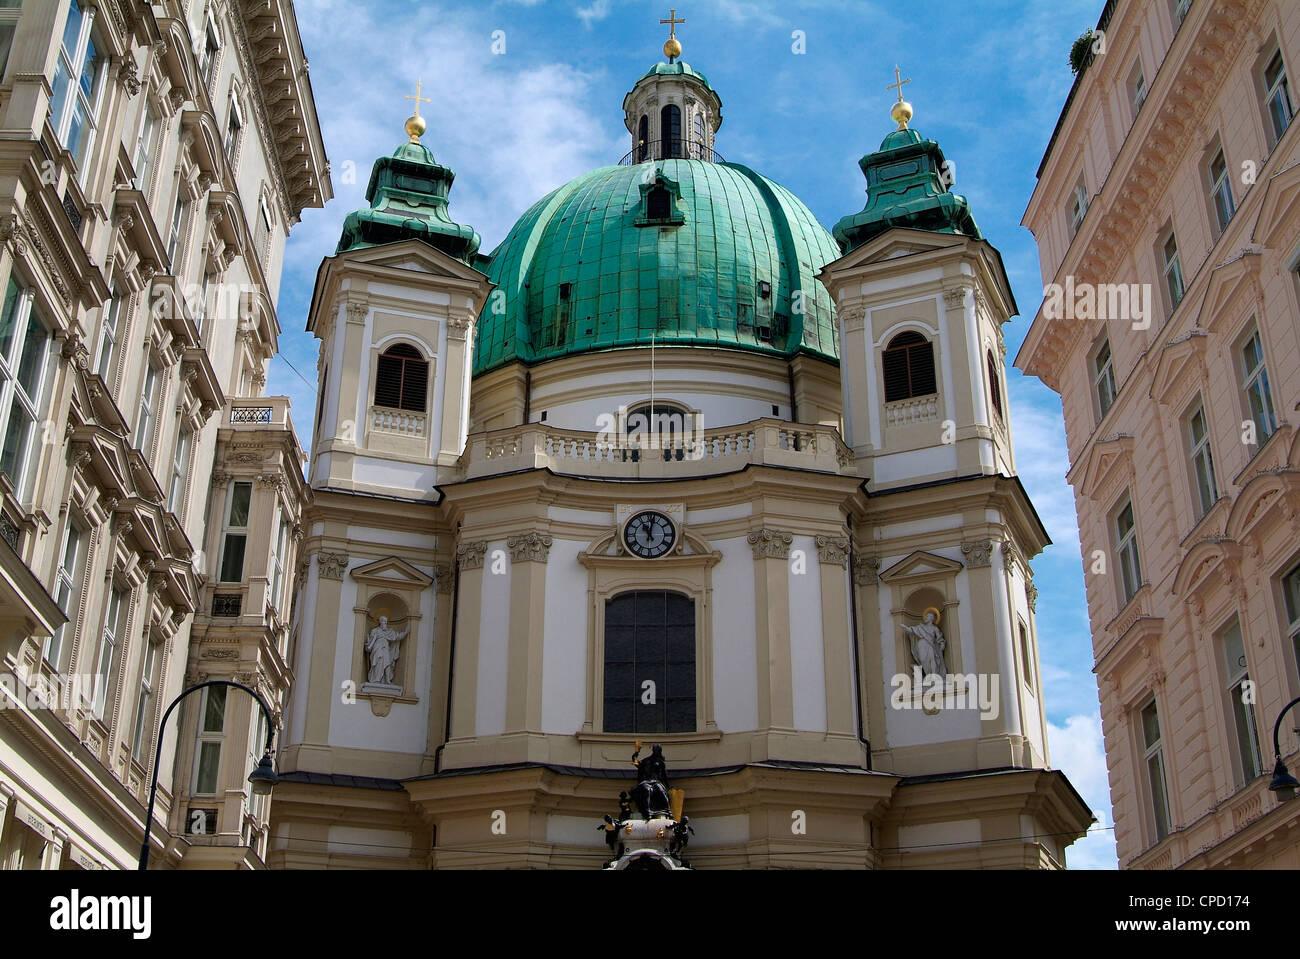 Église Saint-Pierre, Vienne, Autriche, Europe Photo Stock